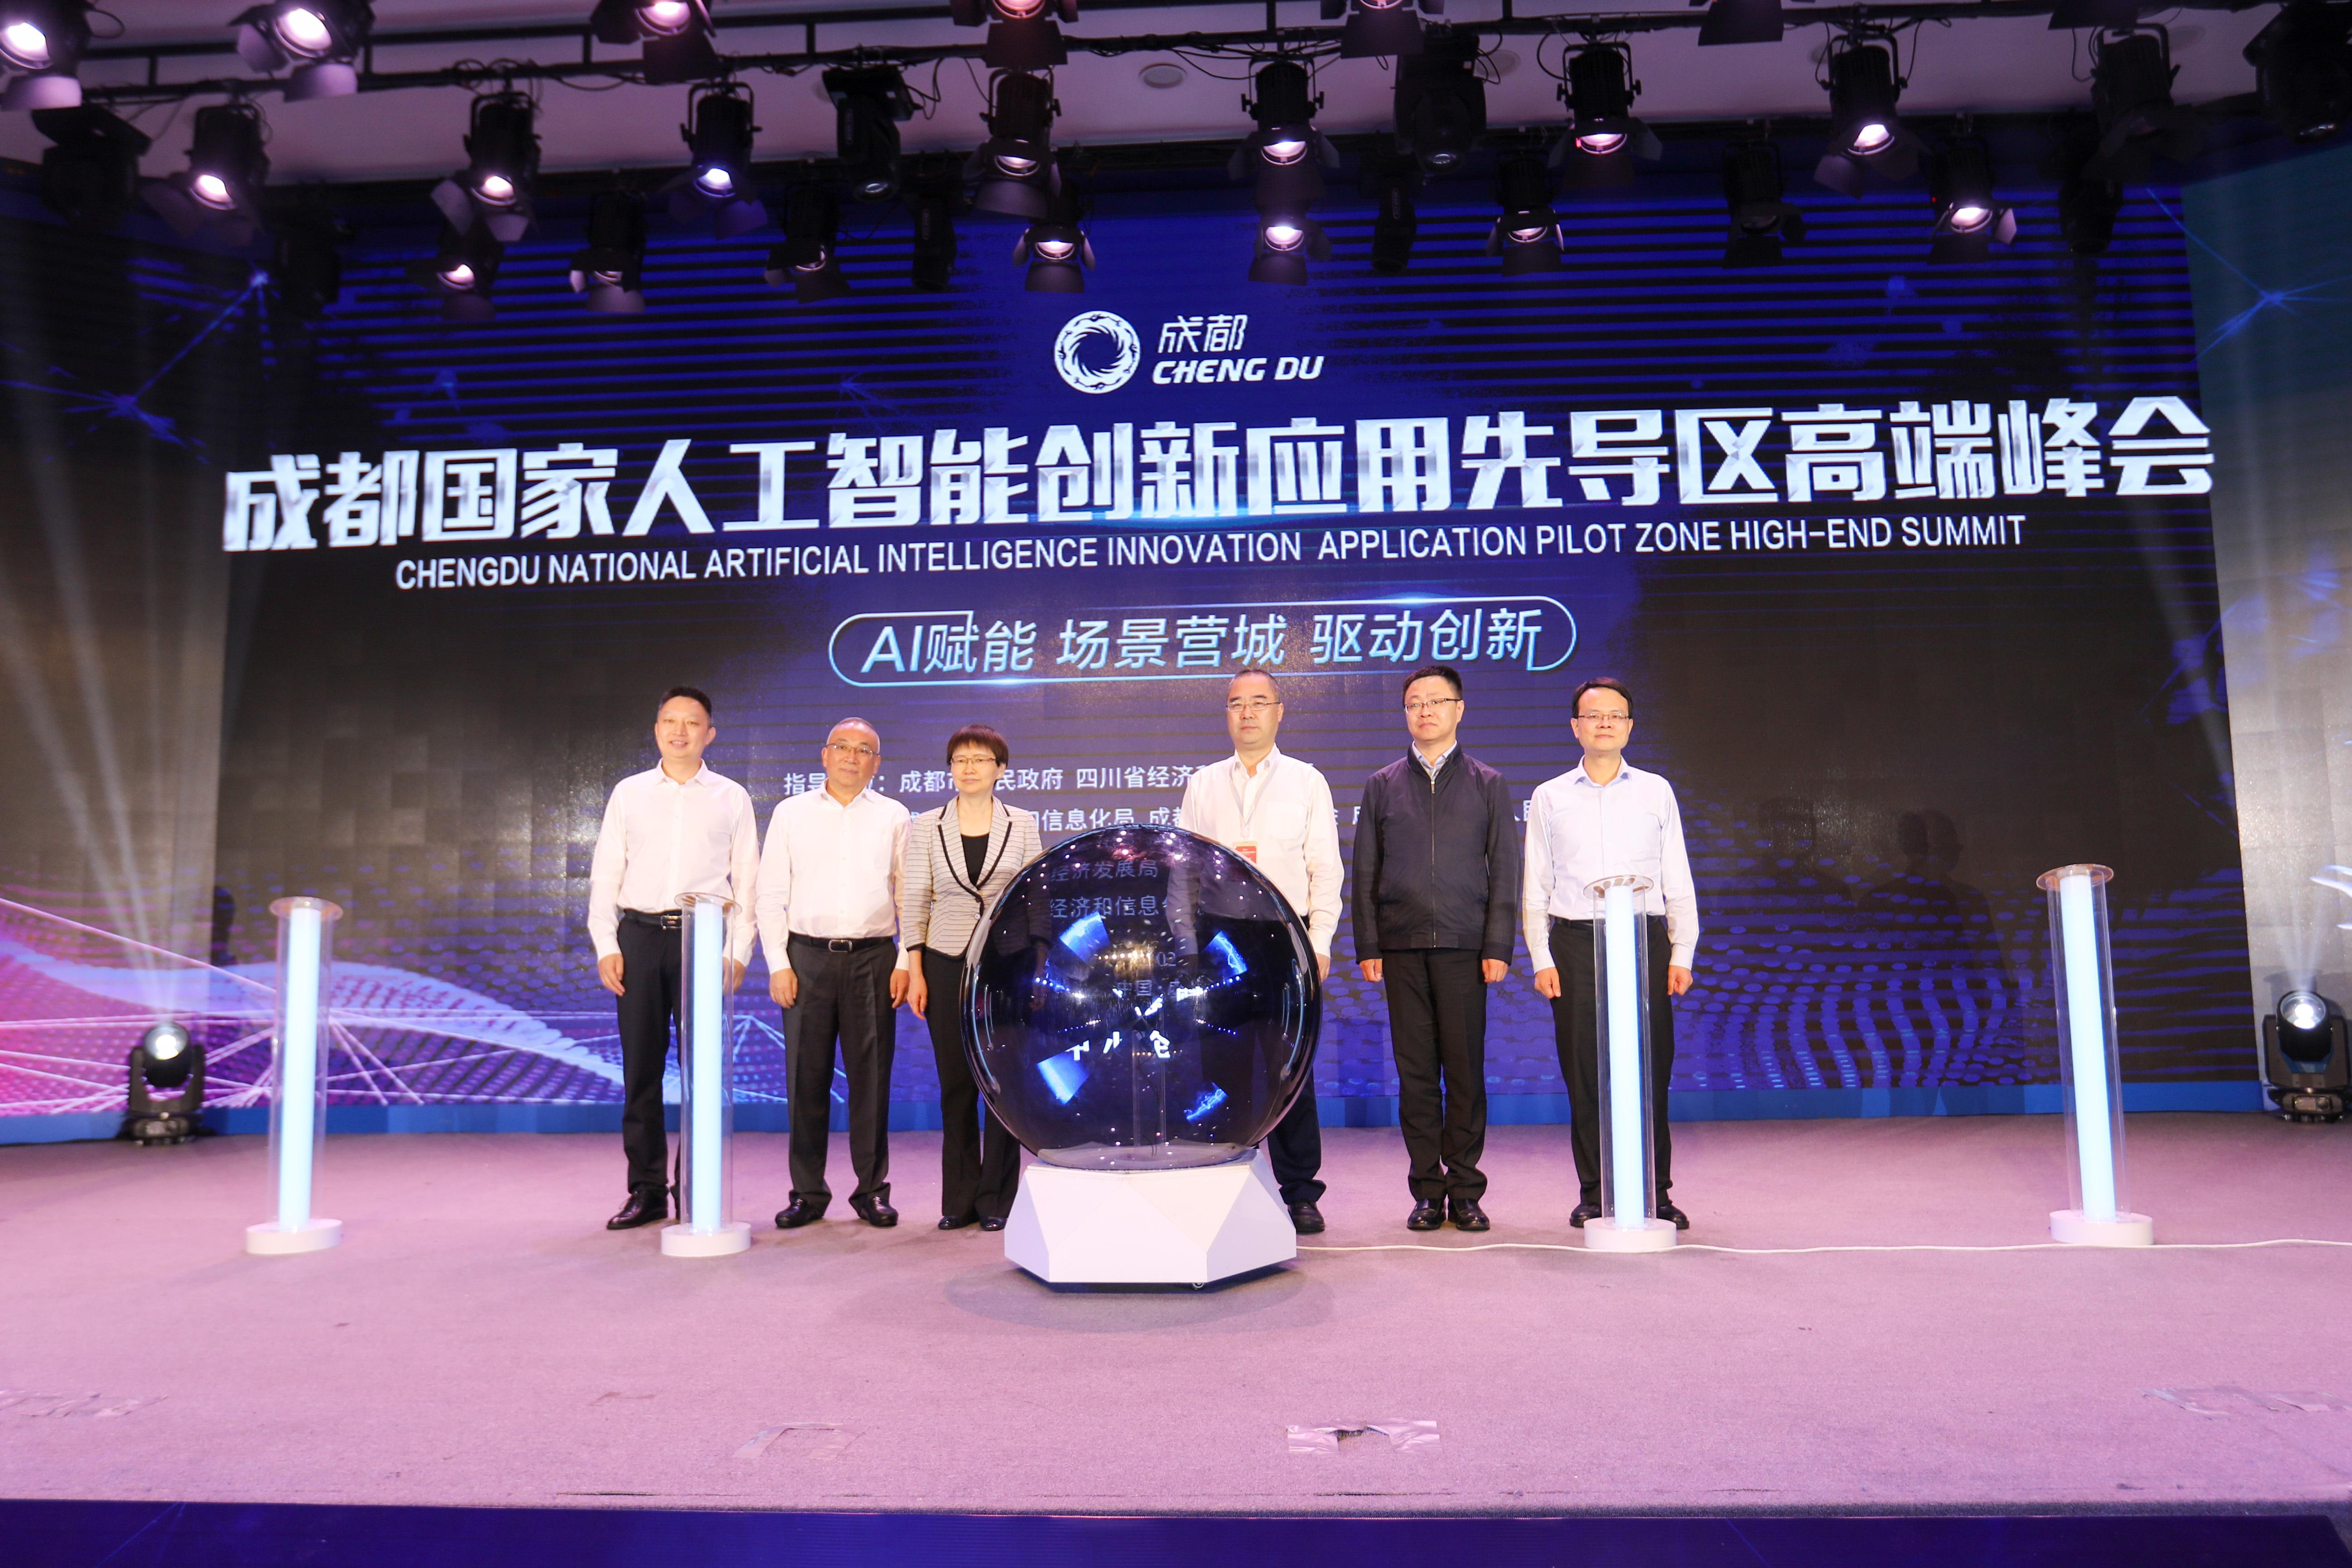 西部首个国凤凰网址注册人凤凰网址注册智能创新应用先导区在蓉揭牌